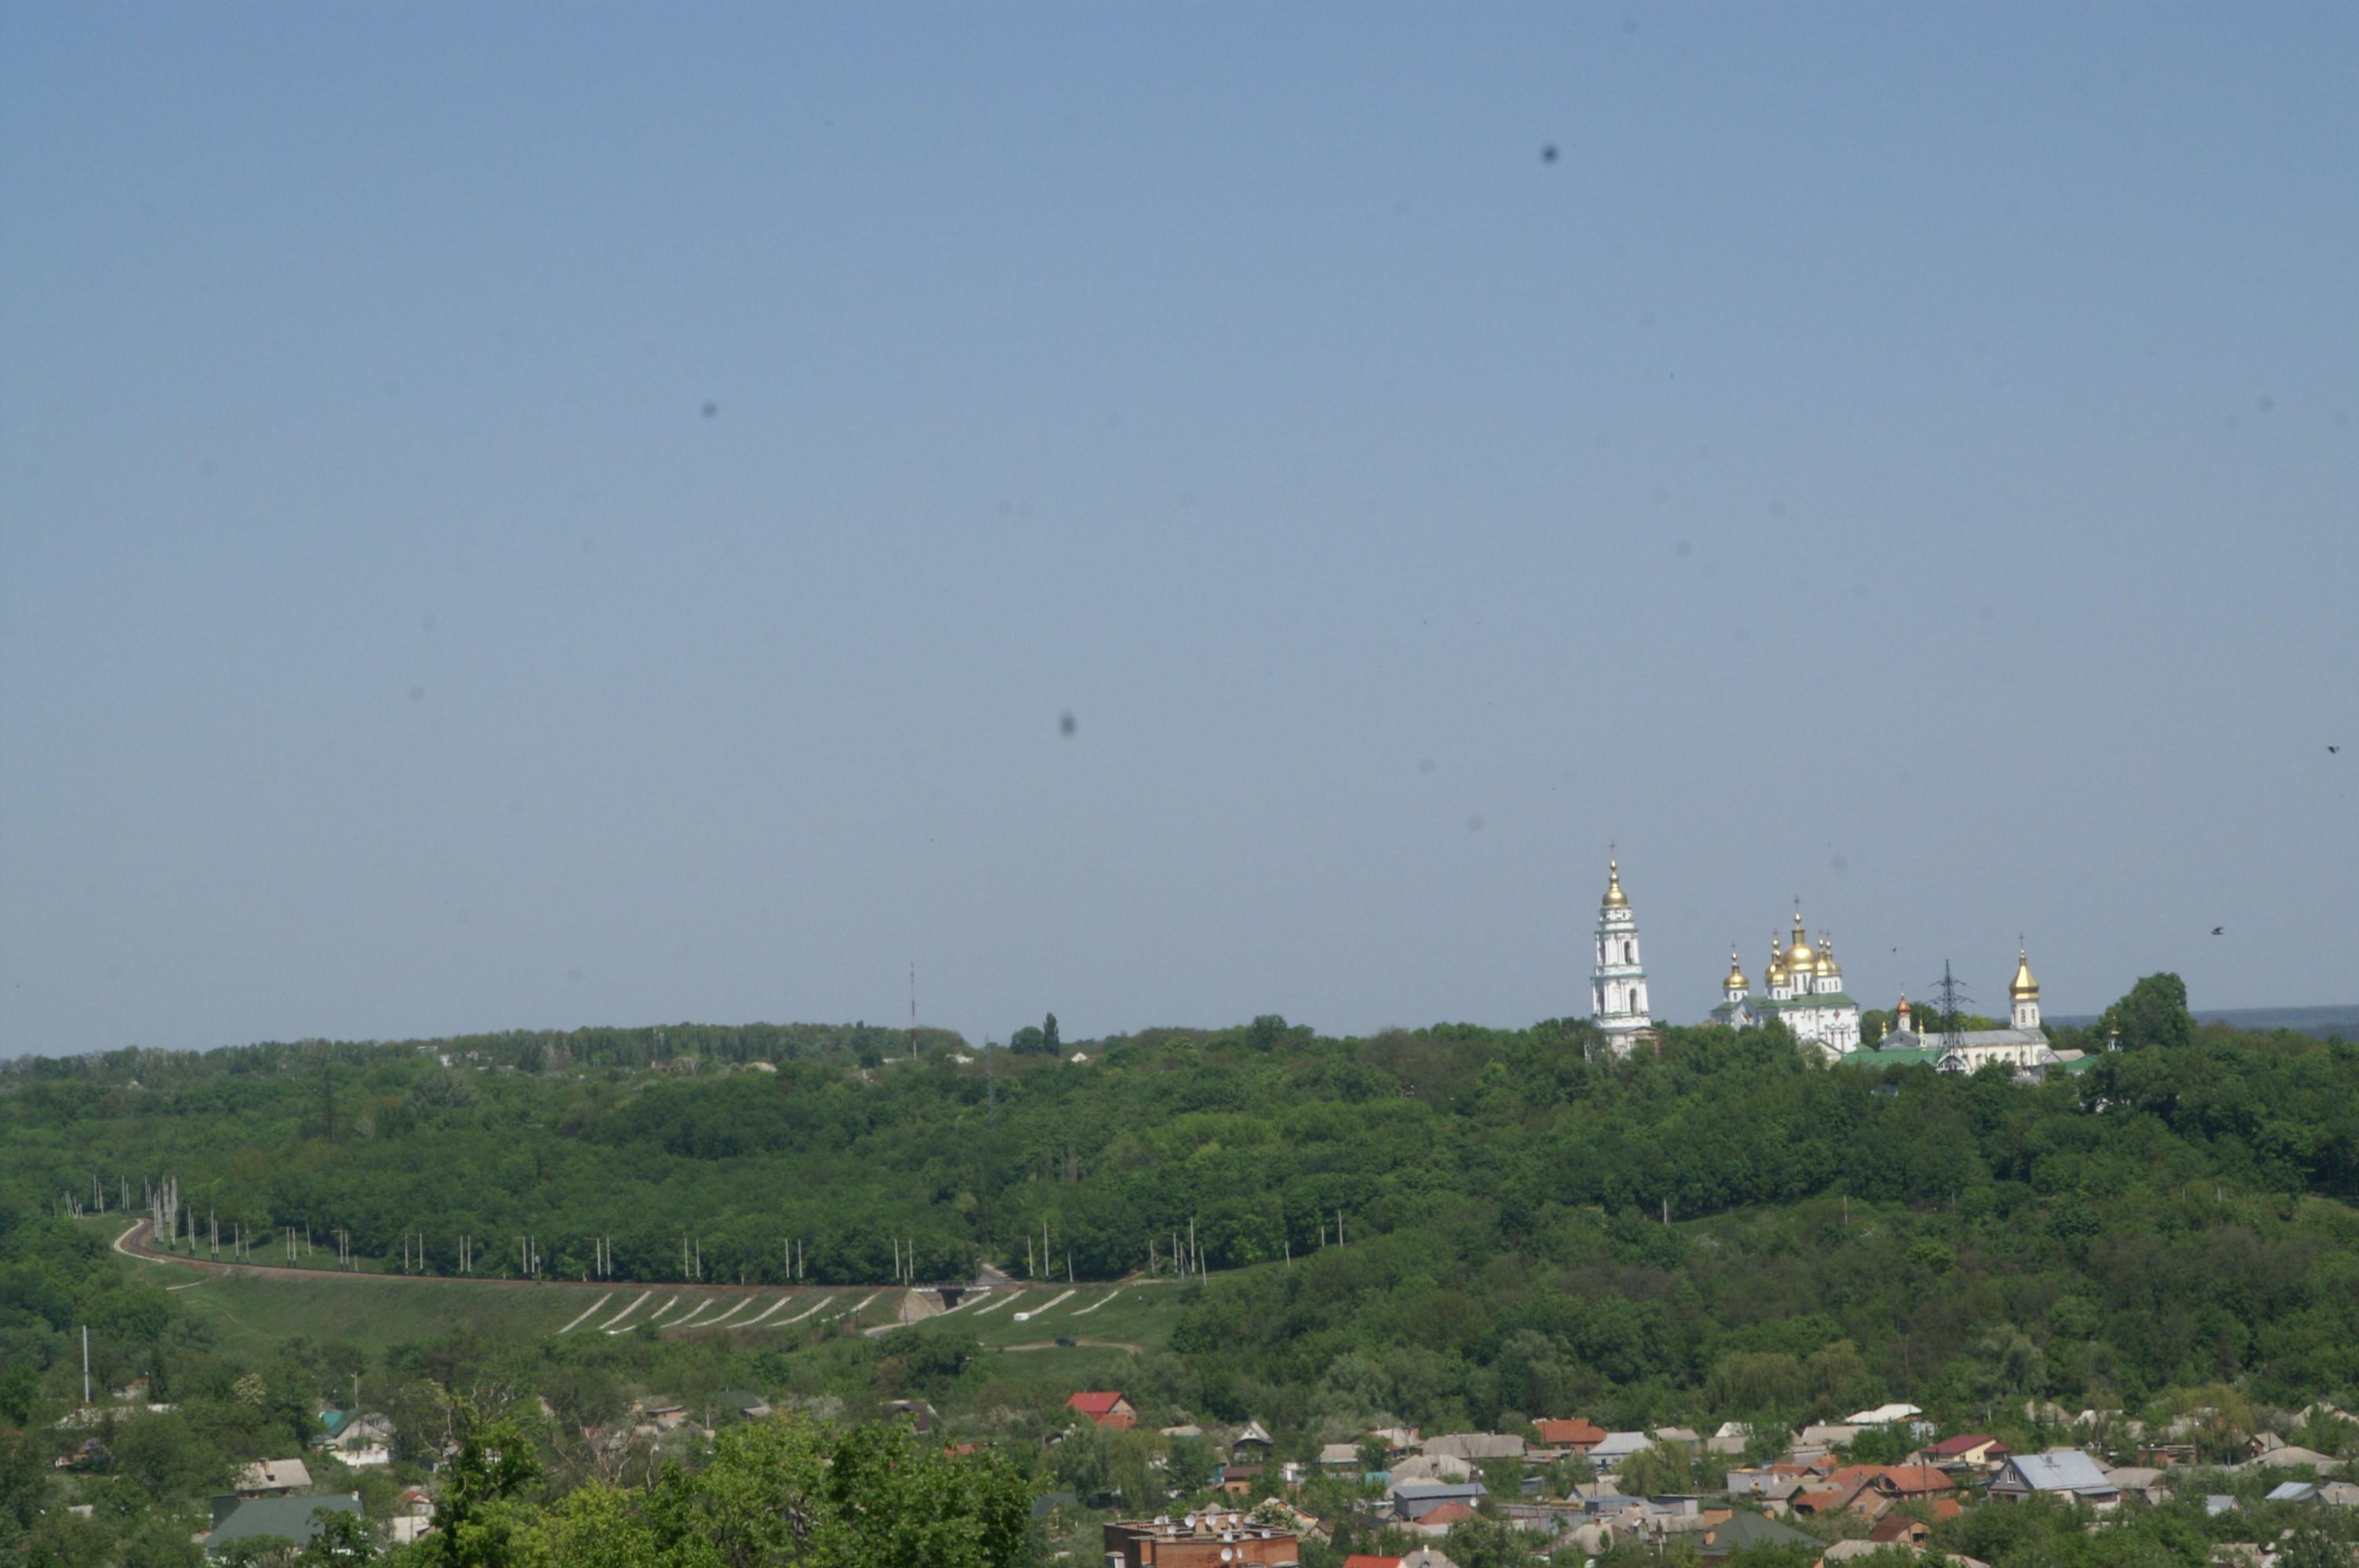 Aрхітектурний ансамбль Полтавського Хрестовоздвиженського монастиря